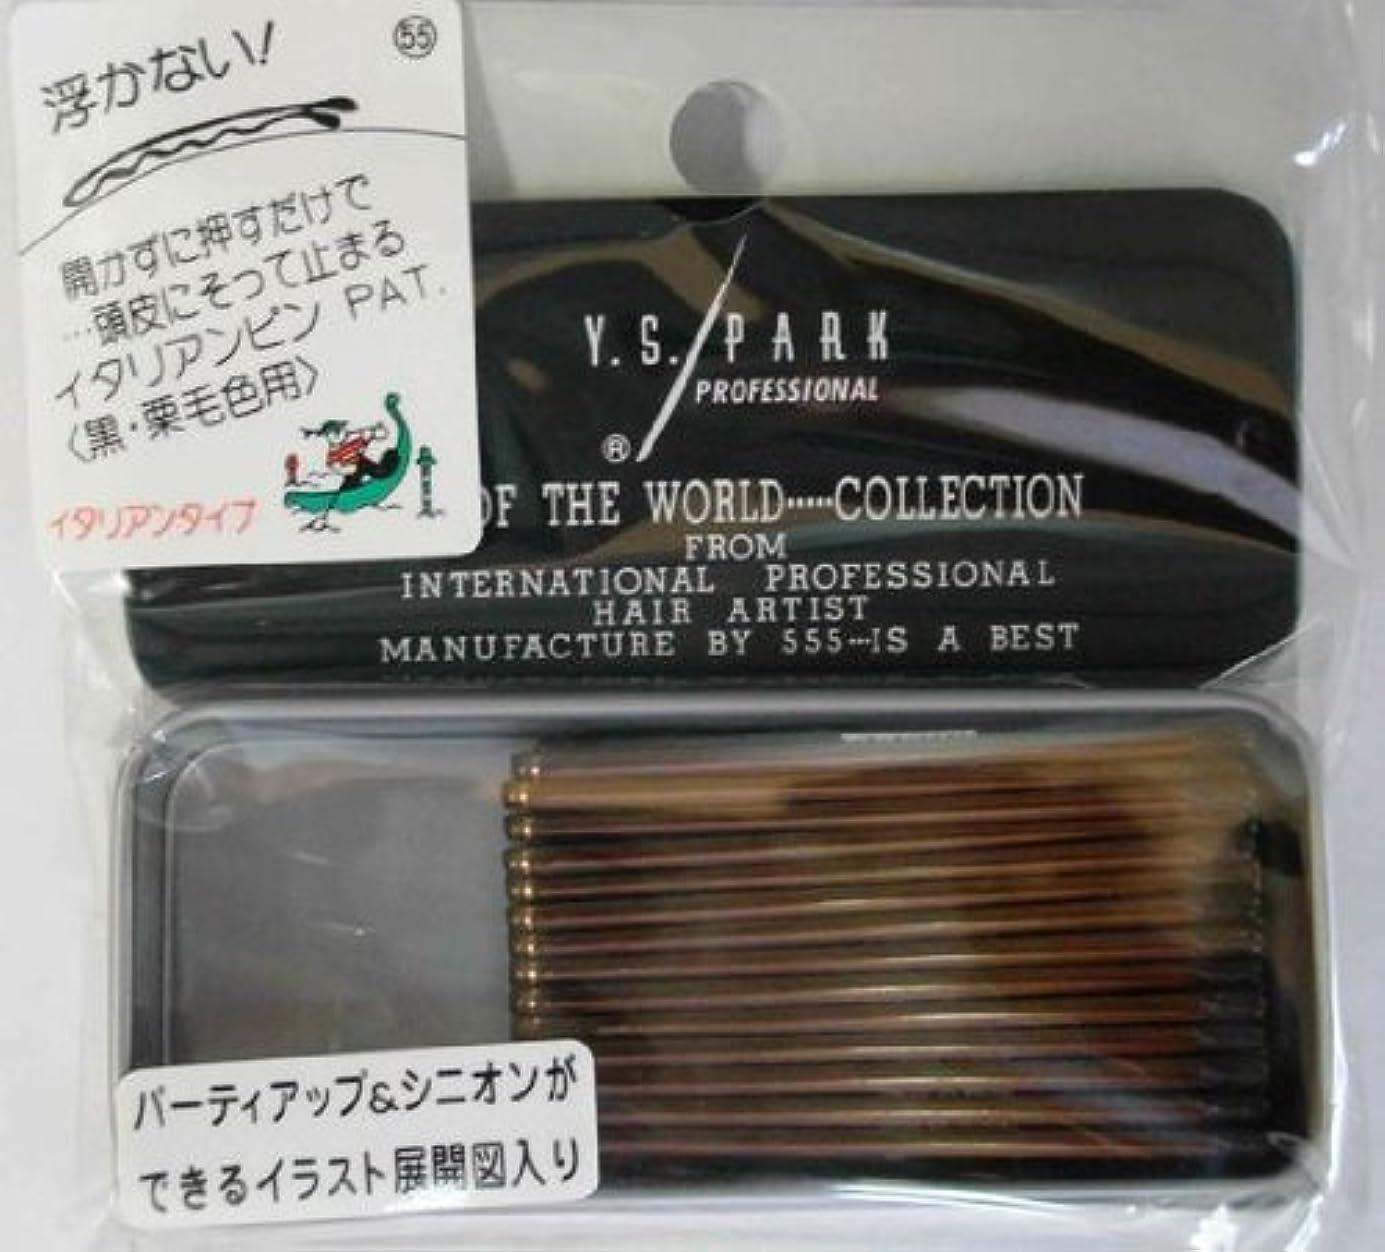 漂流おもちゃレーニン主義Y.S.PARK世界のヘアピンコレクションNo.55(黒?栗毛色用)イタリアンタイプ28P